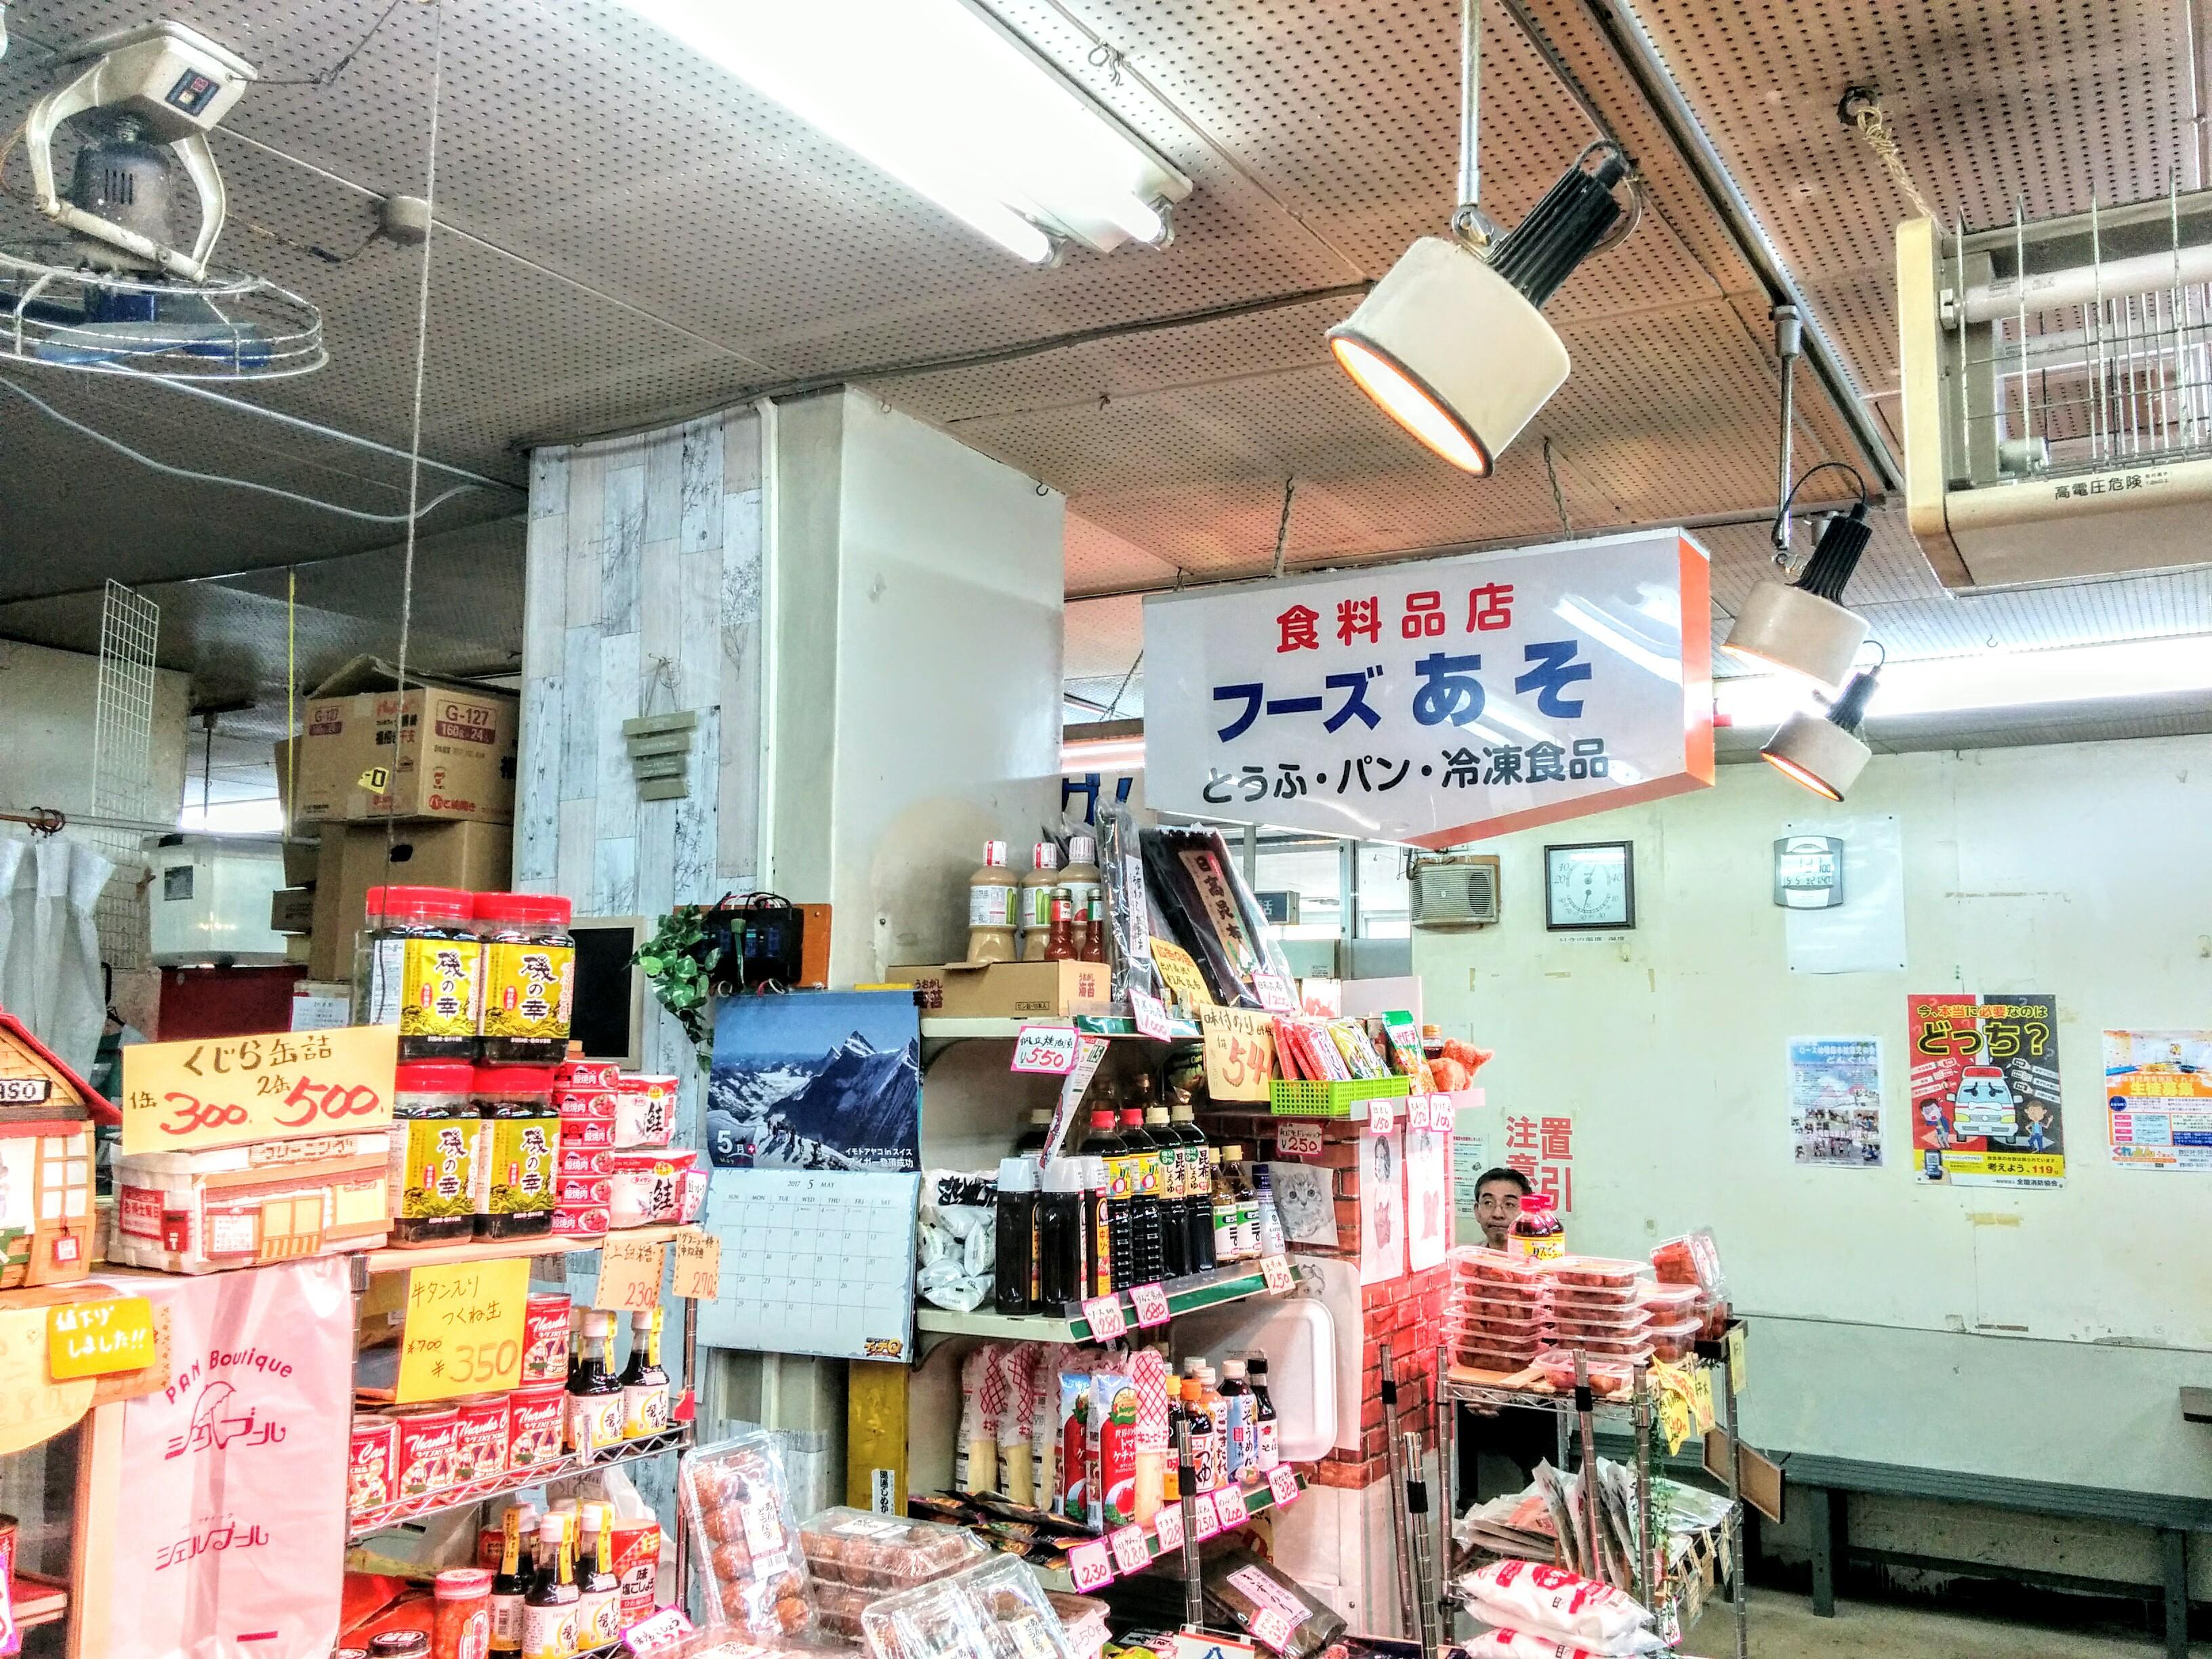 【小樽】なんたる市場フーズあそグルメ案内です。